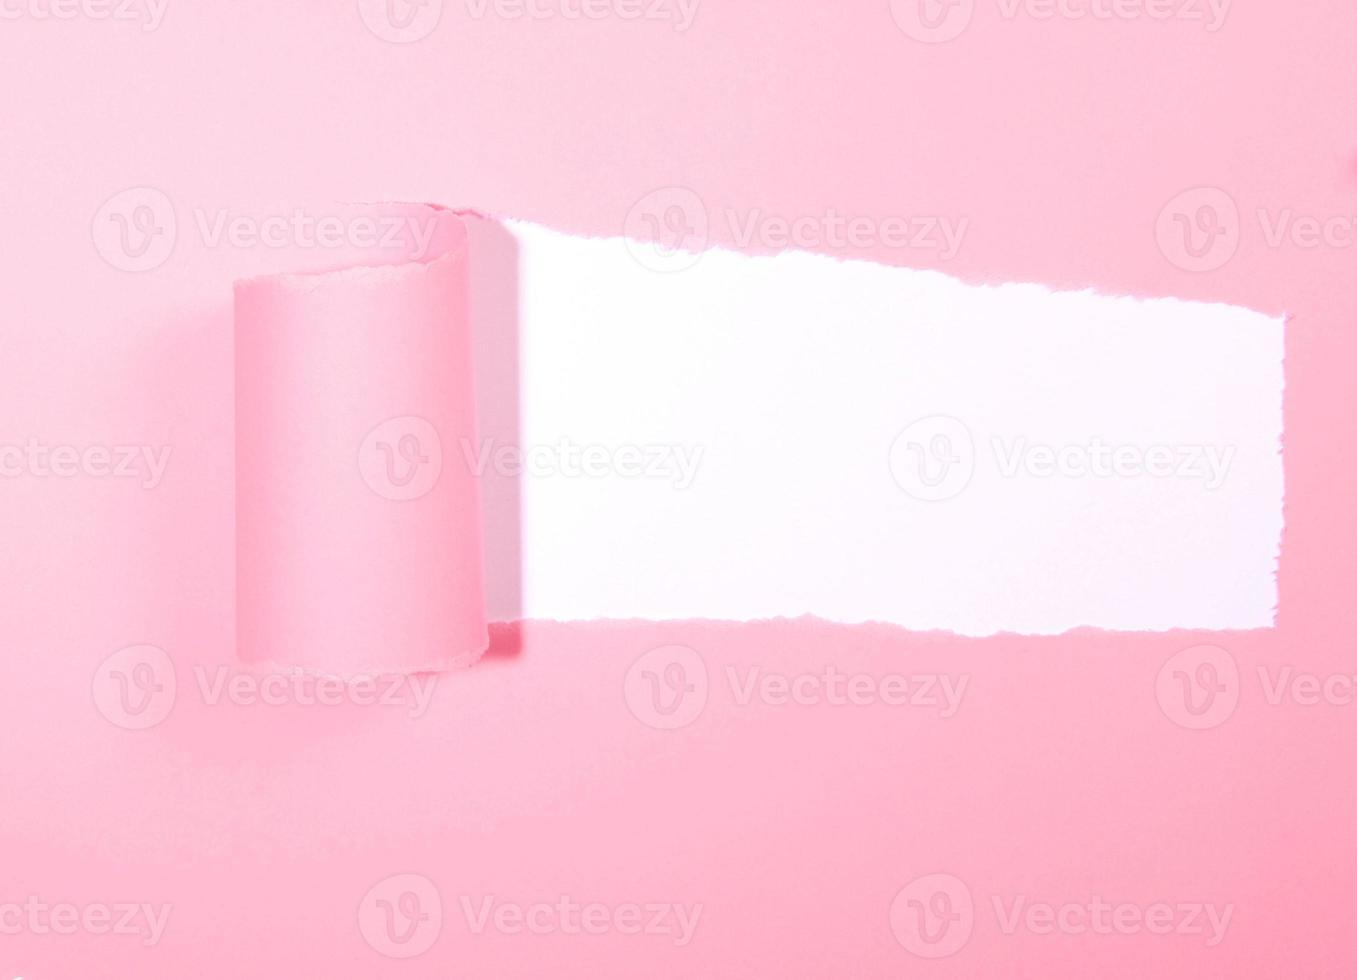 papel rasgado foto